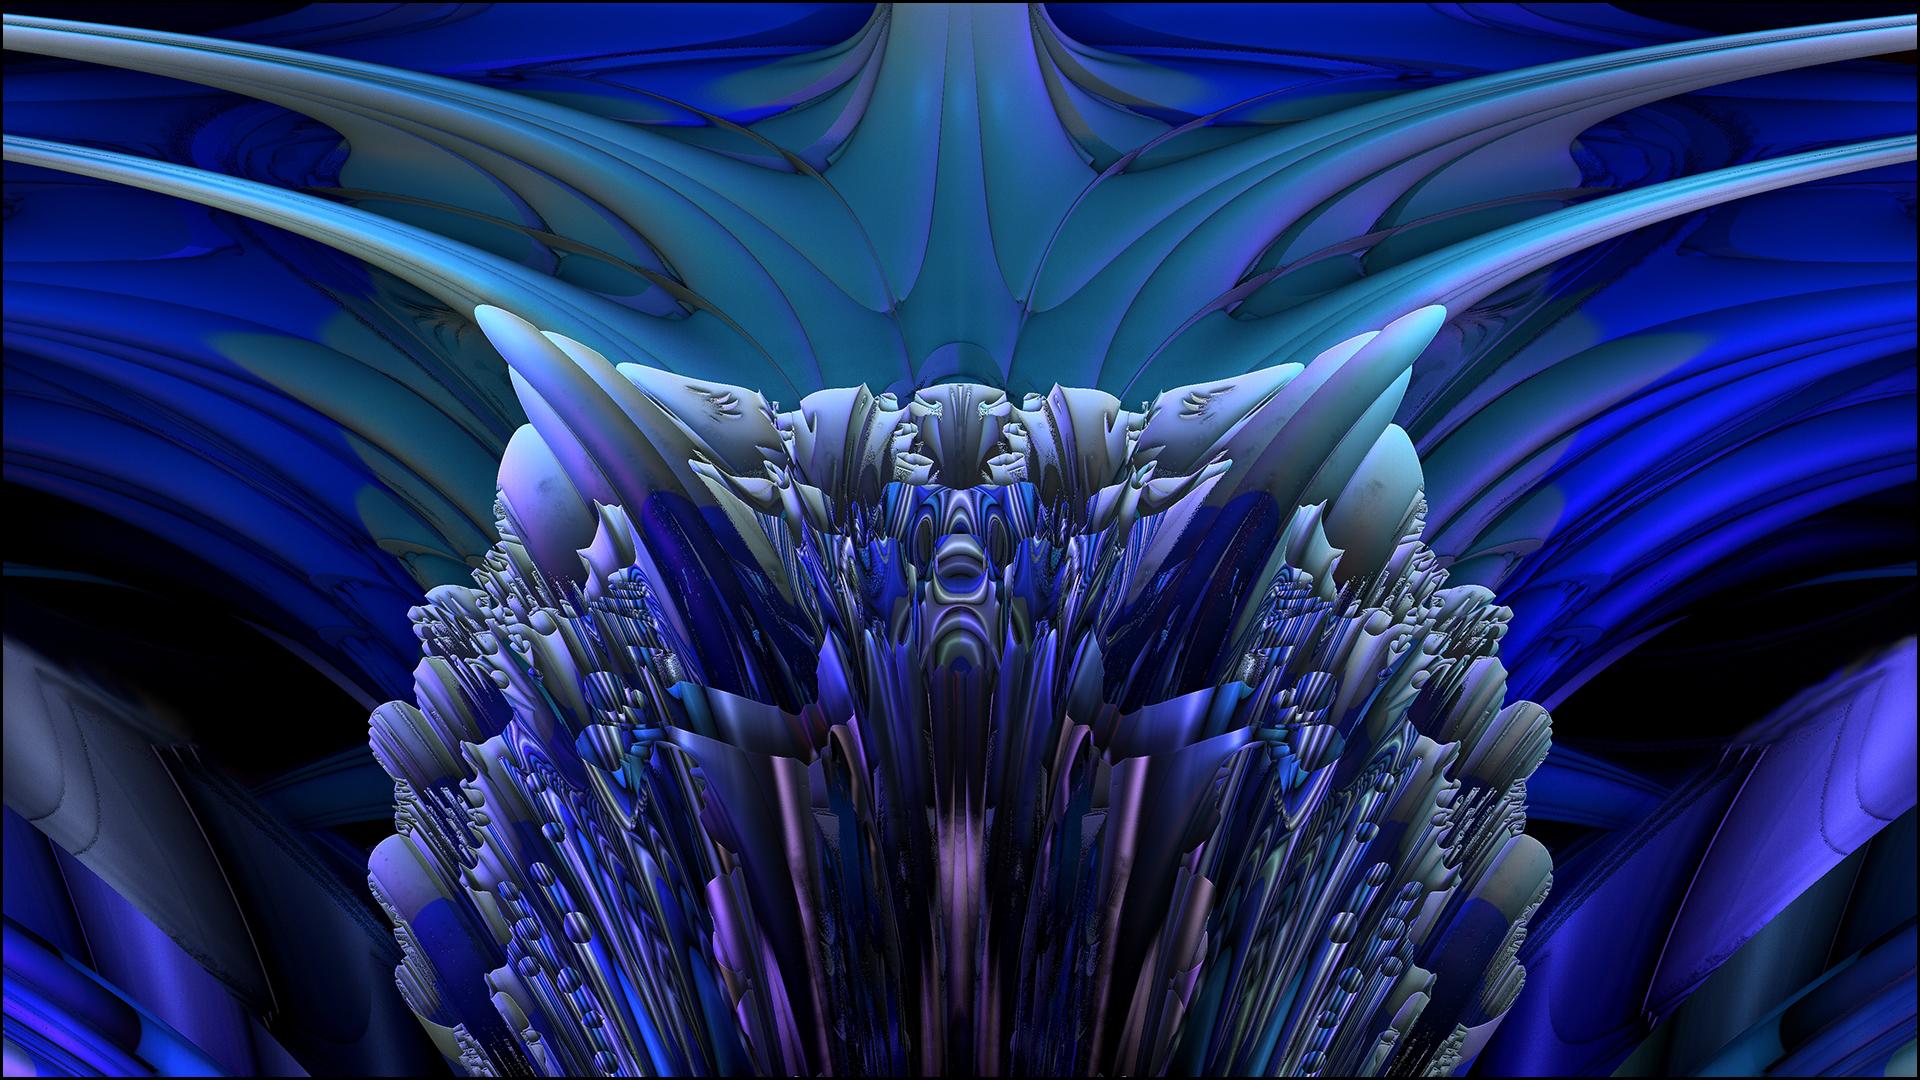 Arty Choke Tweak by Topas2012